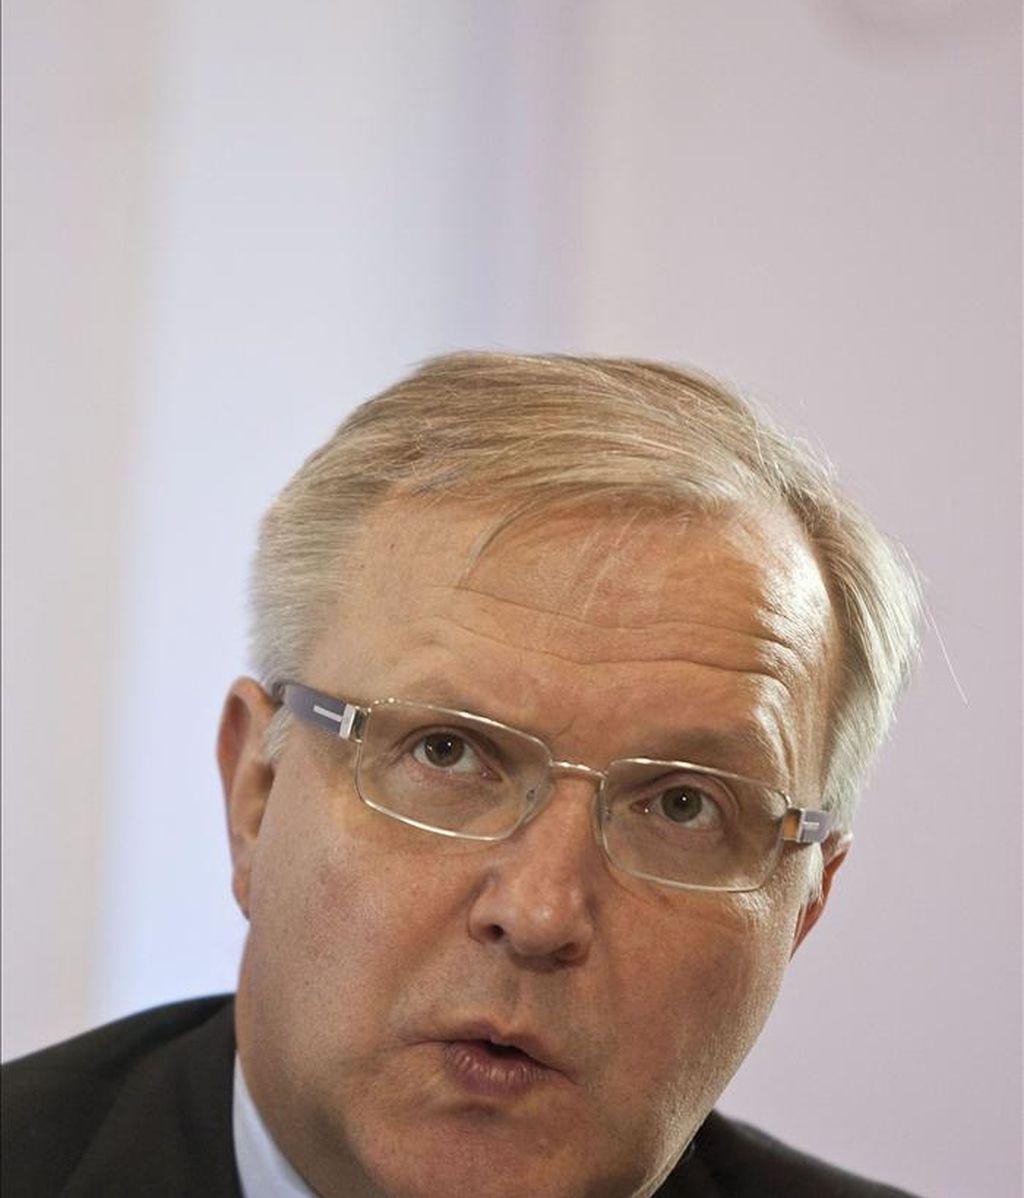 El comisario europeo de Asuntos Económicos y Monetarios, el finlandés Olli Rehn, aseguró hoy en Helsinki que España no se ha contagiado de la crisis portuguesa, lo que le ha permitido alejarse del bloque de países más endeudados de la eurozona. EFE/Archivo